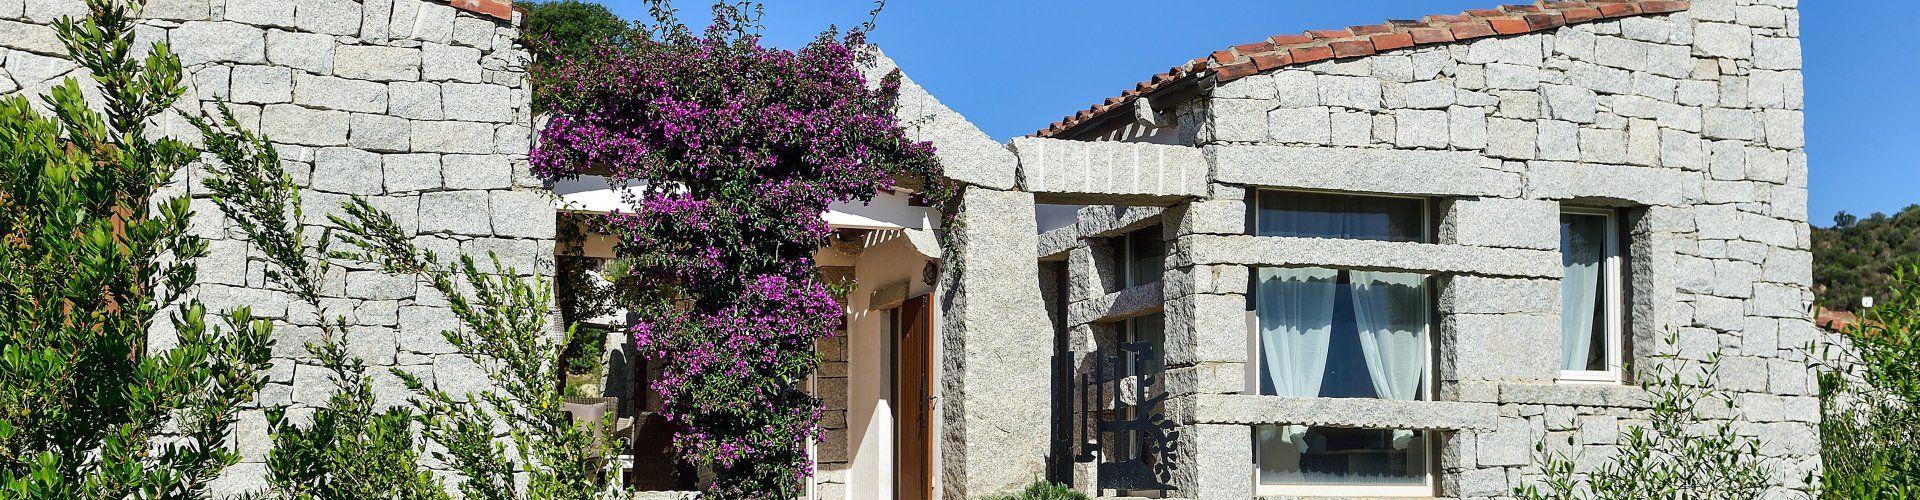 Ferienvilla mit Gemeinschaftspool in Süd-Ost Sardinien